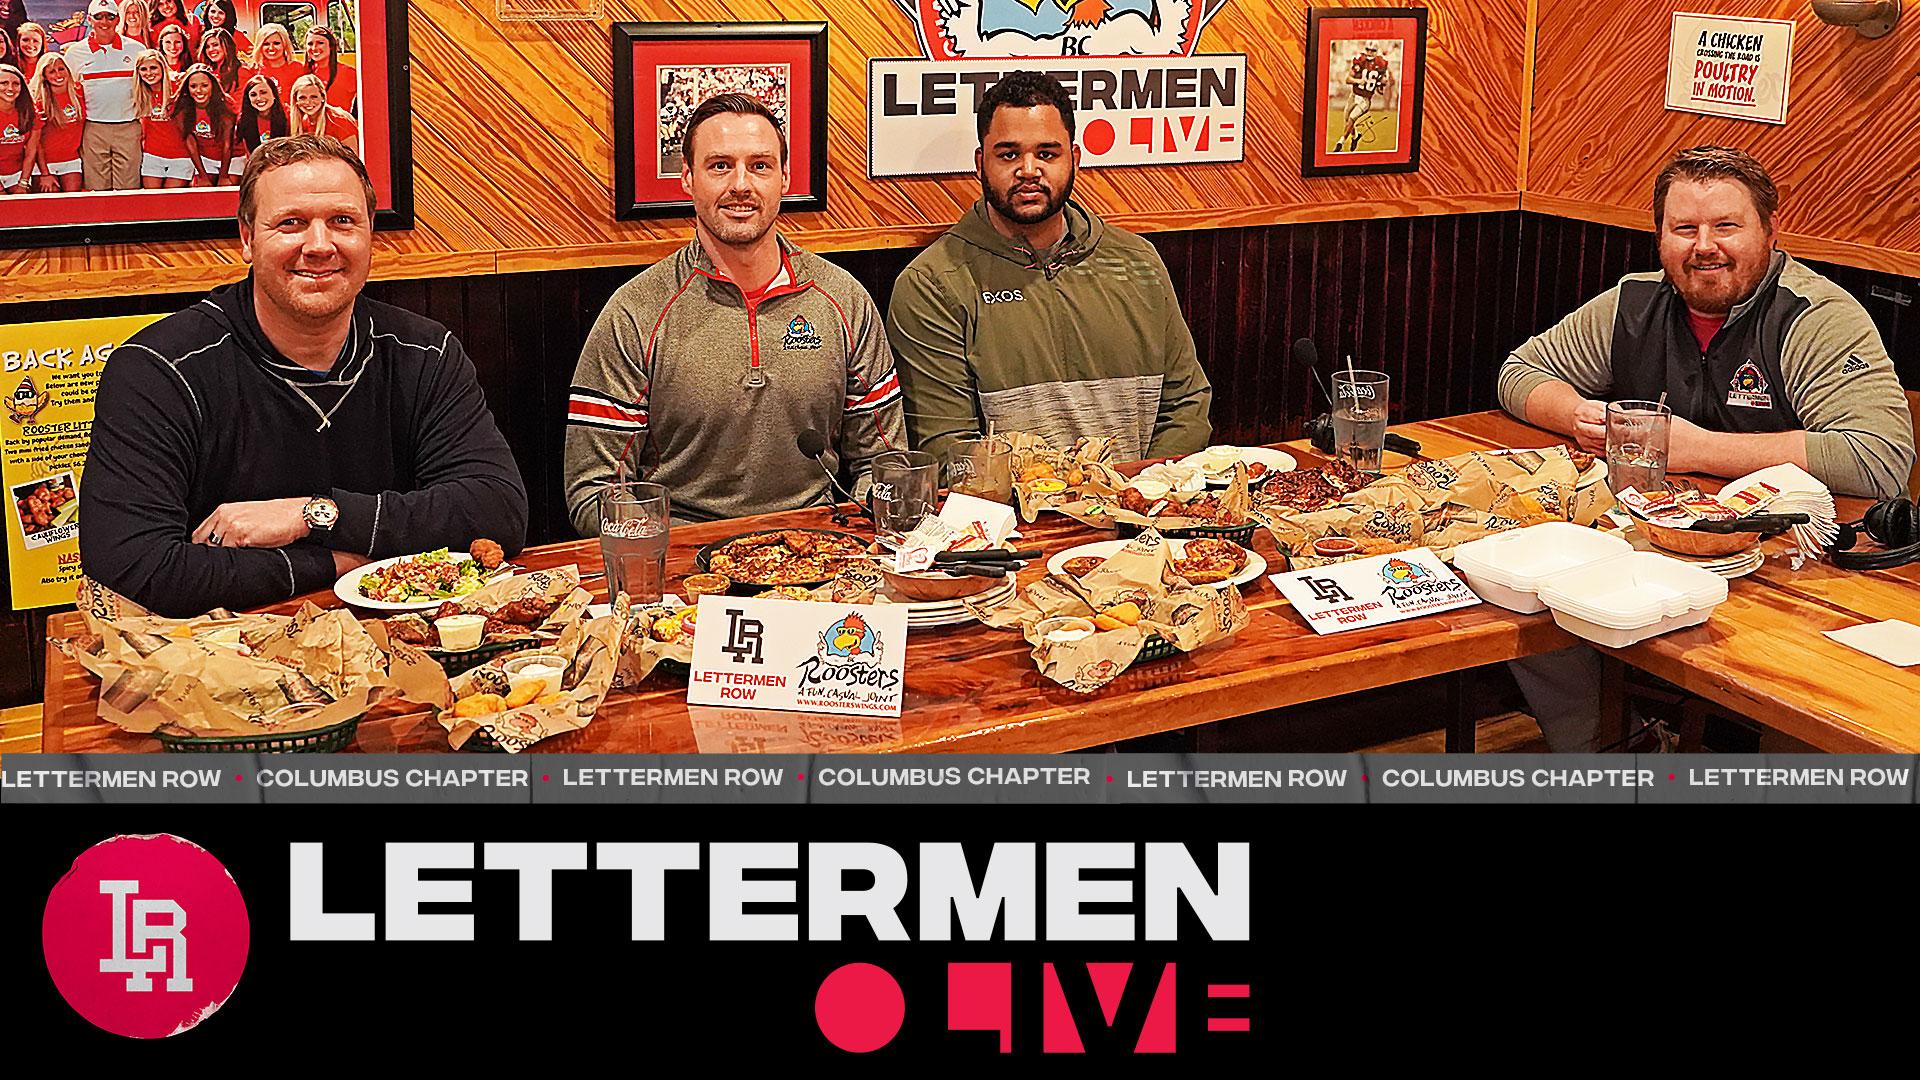 Lettermen-Live_Template-cover-dec-28